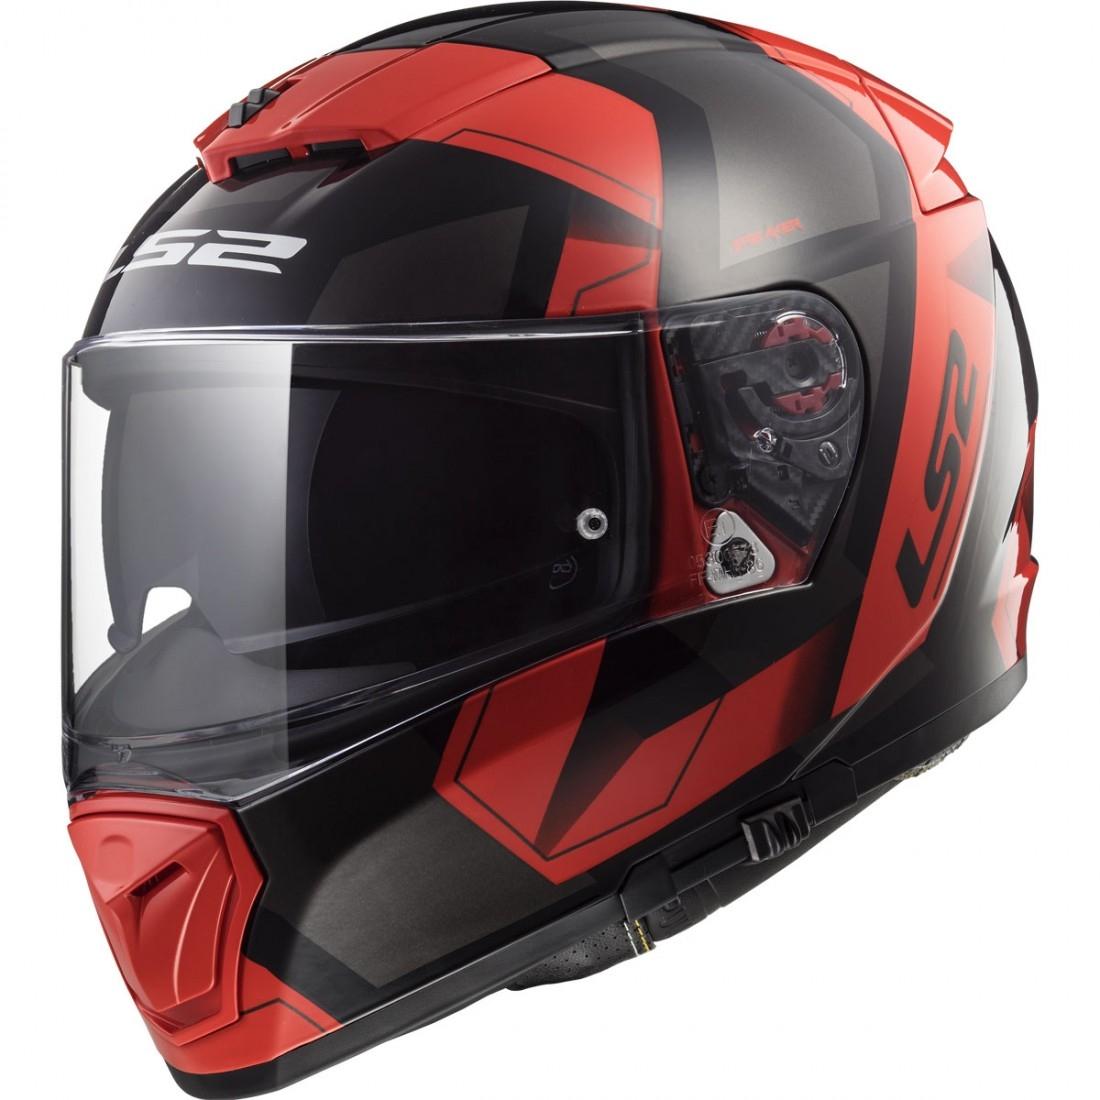 helm ls2 ff390 breaker physics black red motocard. Black Bedroom Furniture Sets. Home Design Ideas